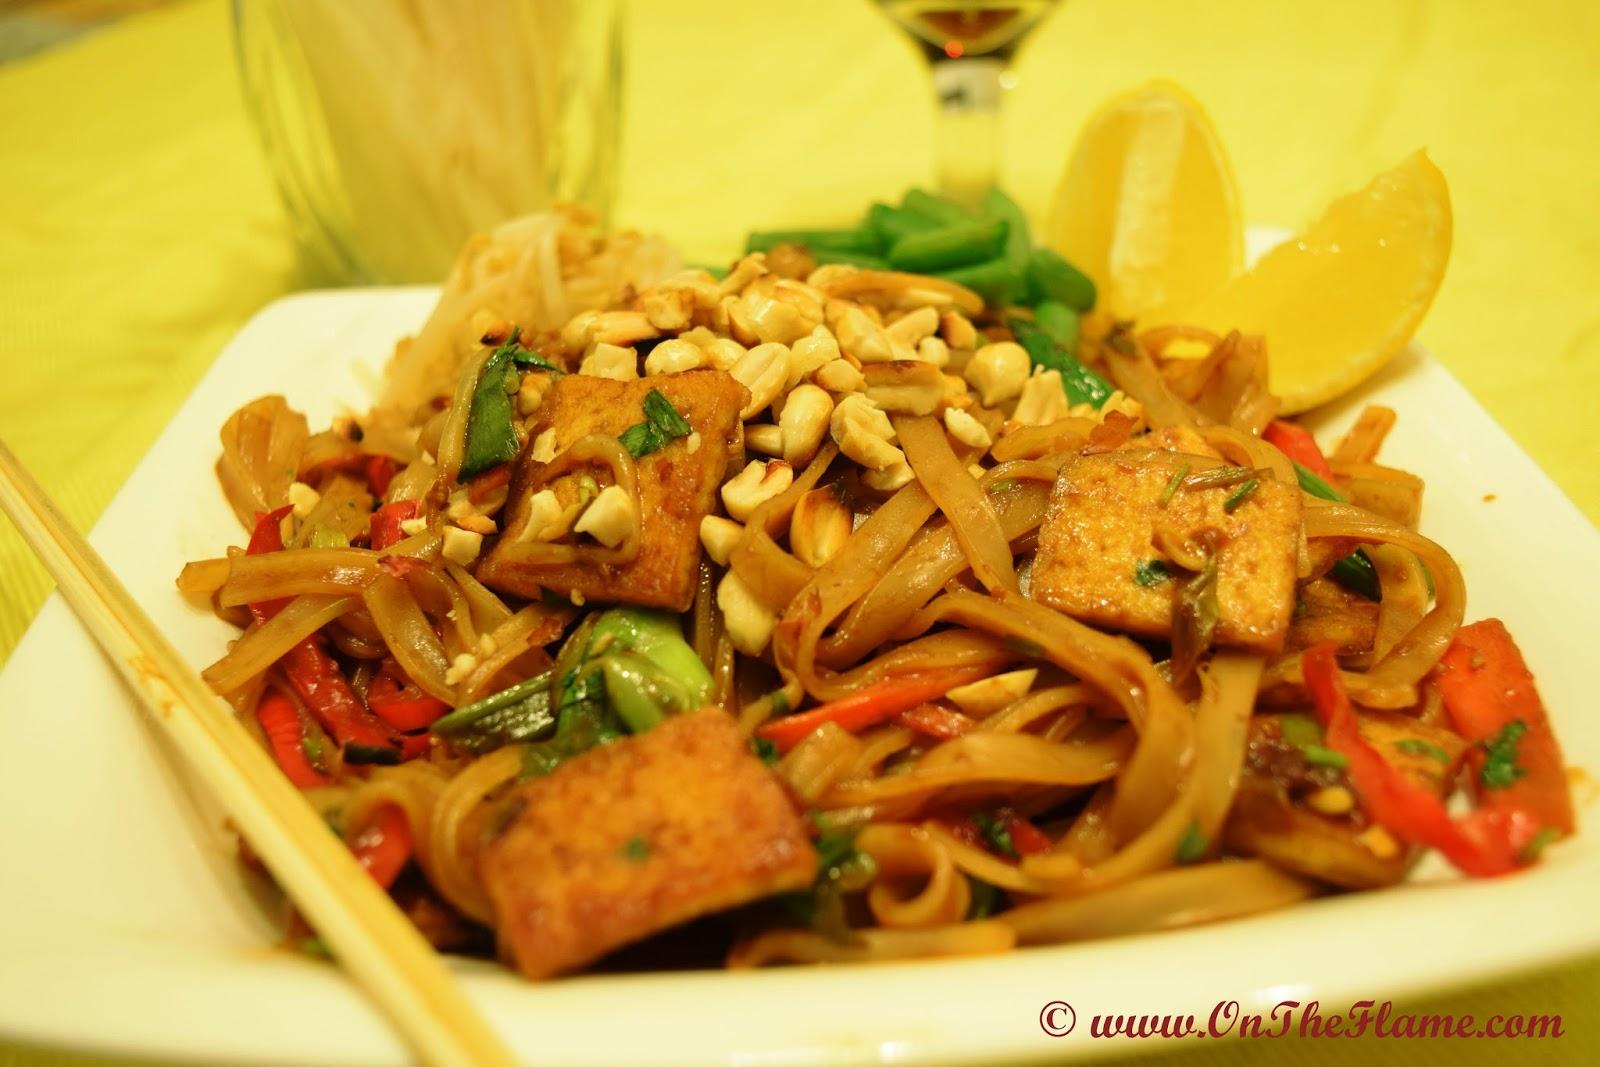 On The Flame: Vegetable & Tofu Pad Thai